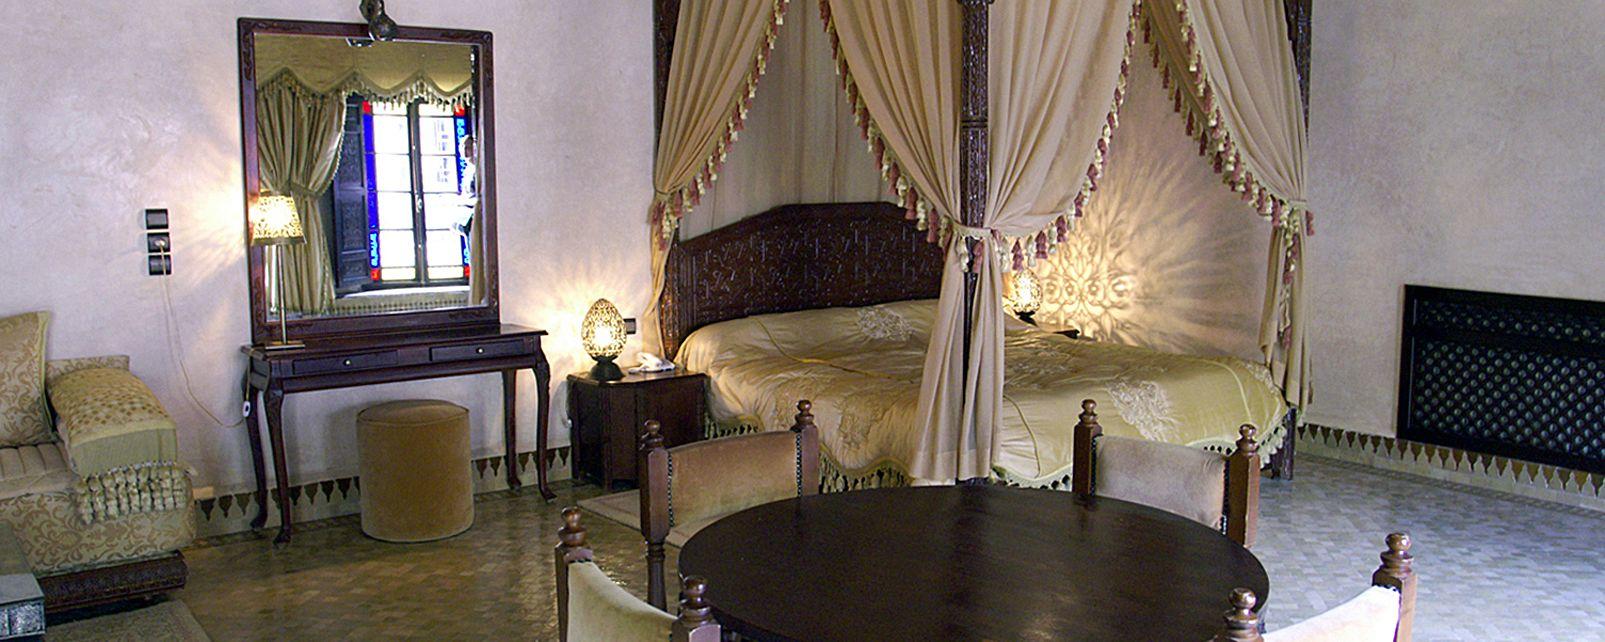 Hotel Riad Sherazade